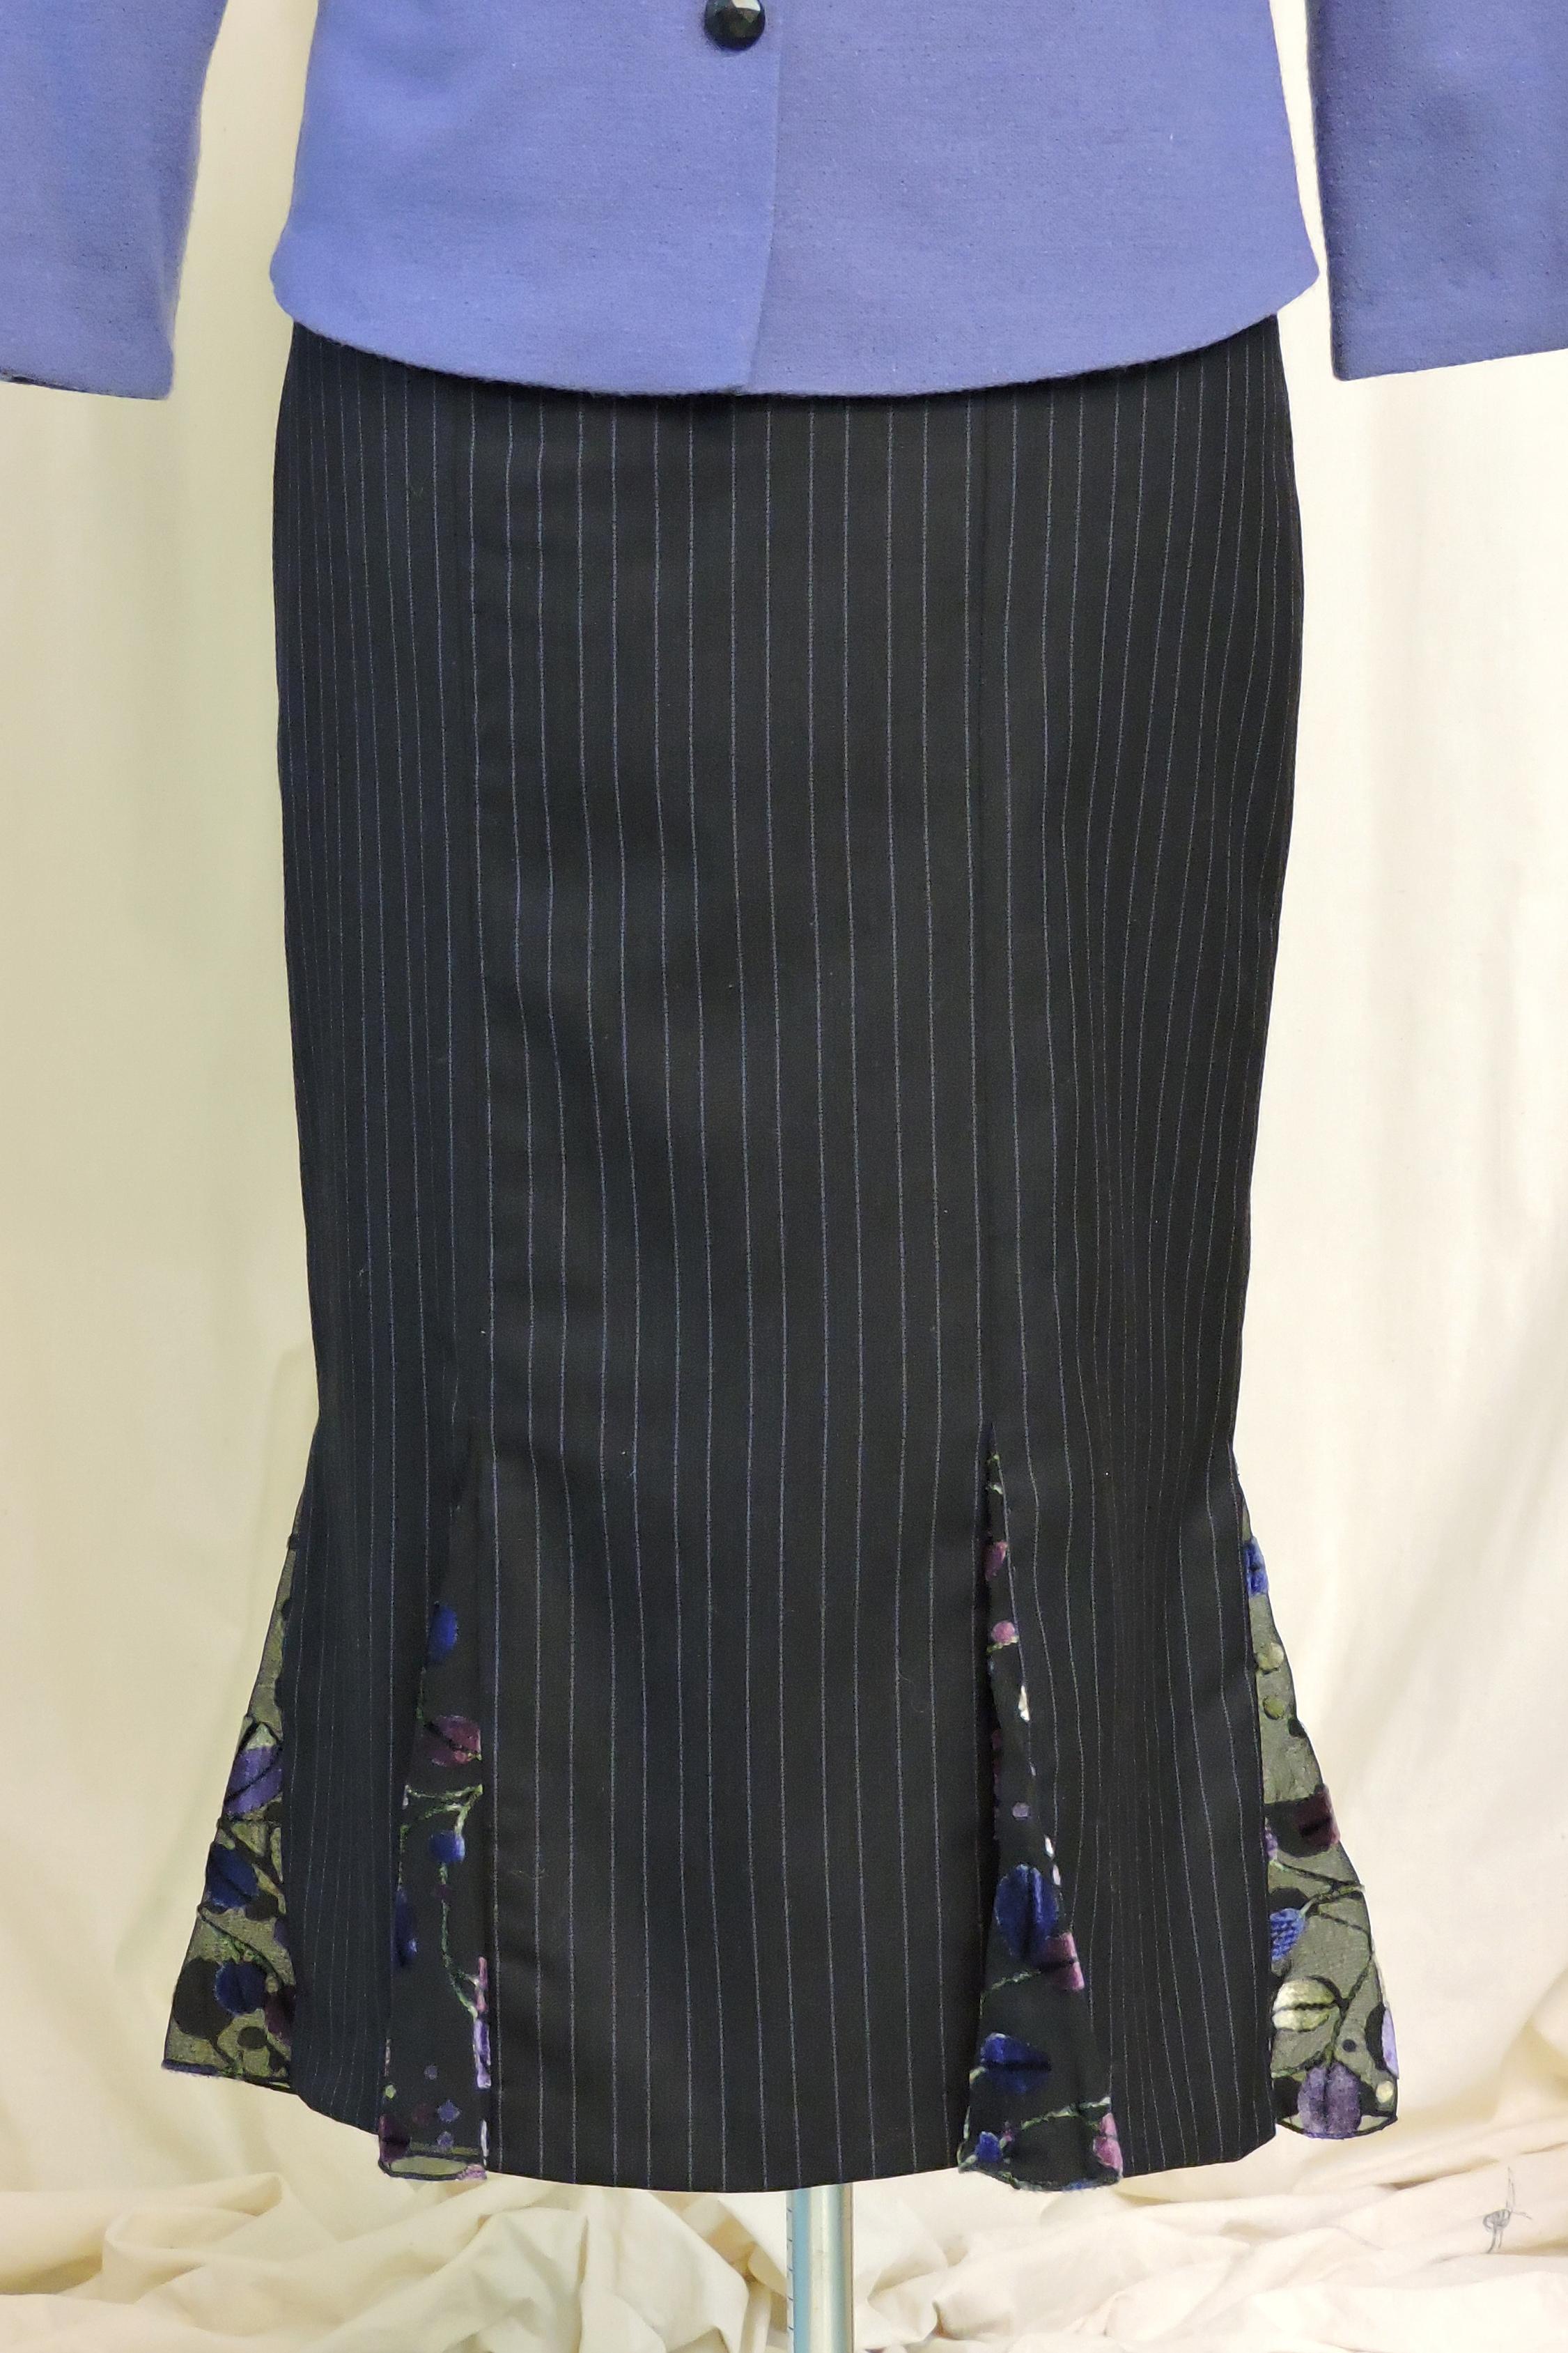 skirt18-1.jpg